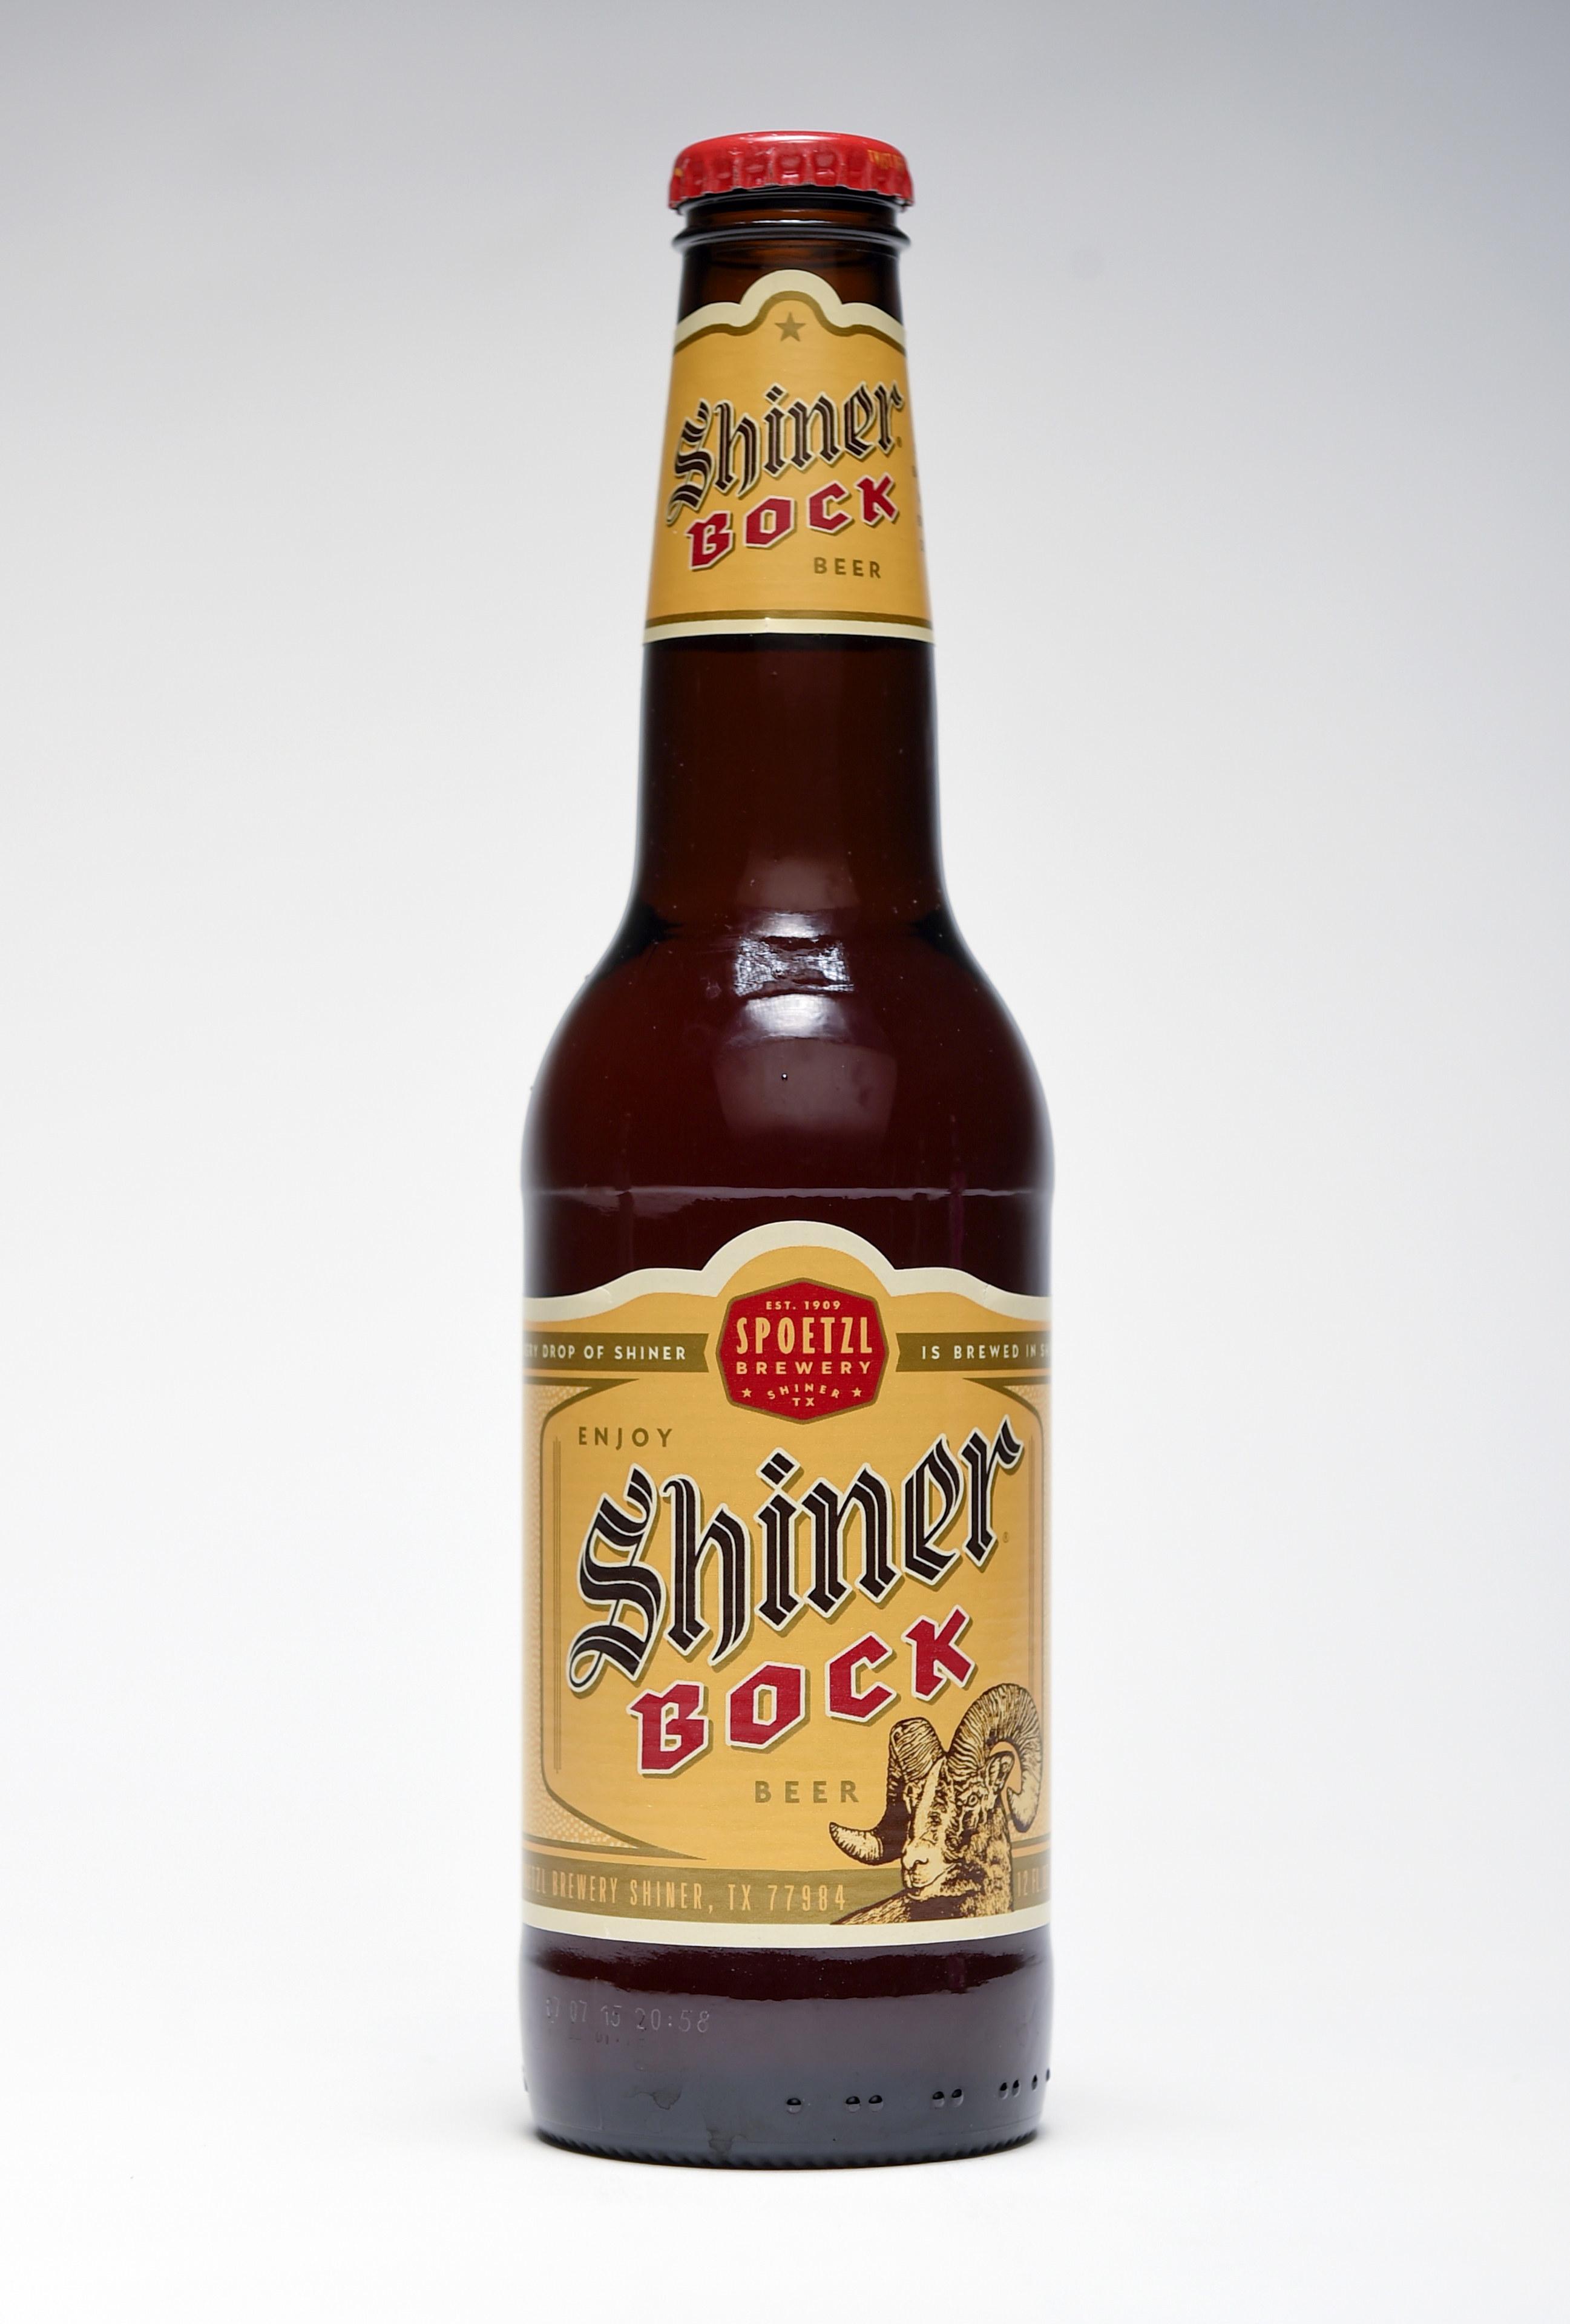 A bottle of Shiner beer